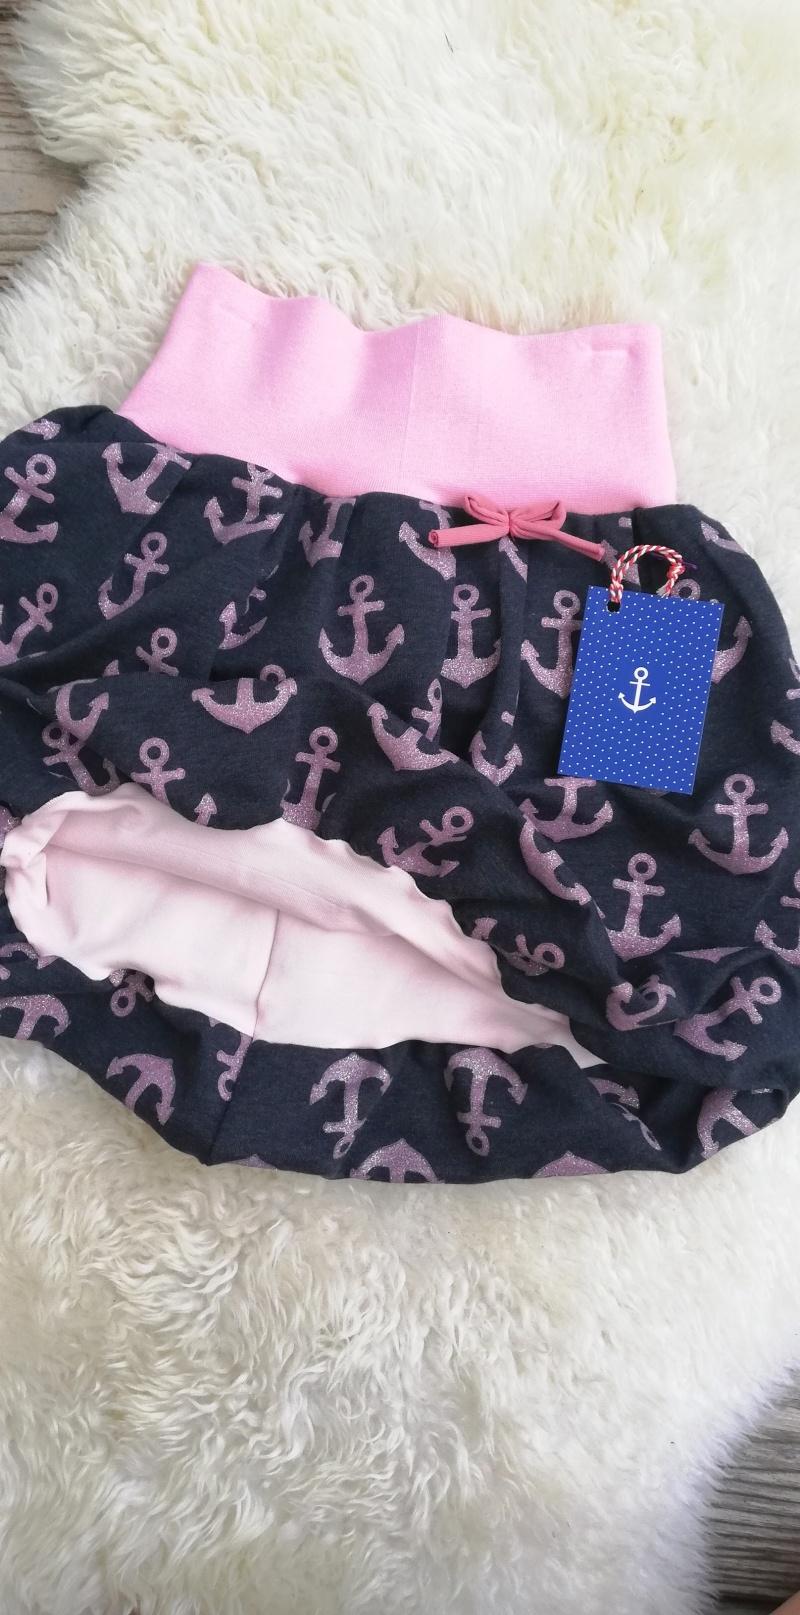 Kleinesbild - Ballonrock Anker maritim Gr. 110/116♡handgenähter Rock für Mädchen rosa blau mit Glitzer♡bequem und chic